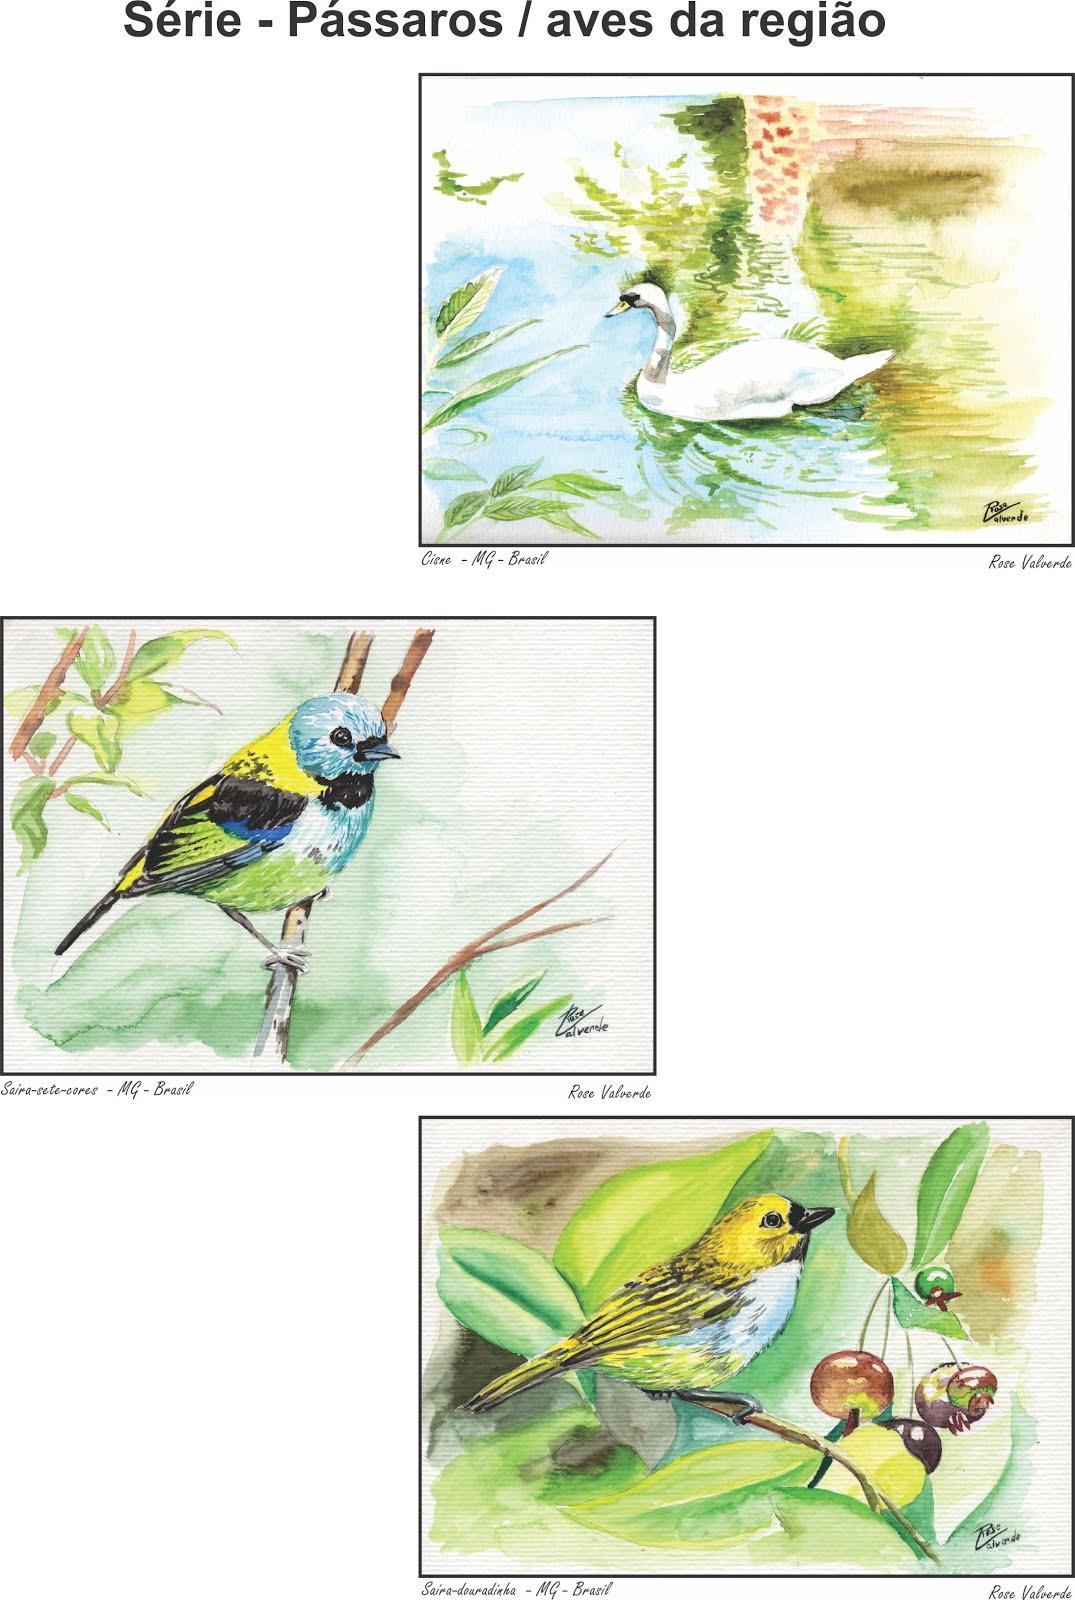 Camisas em transfer - aquarelas de pássaros da região - Rose Valverde